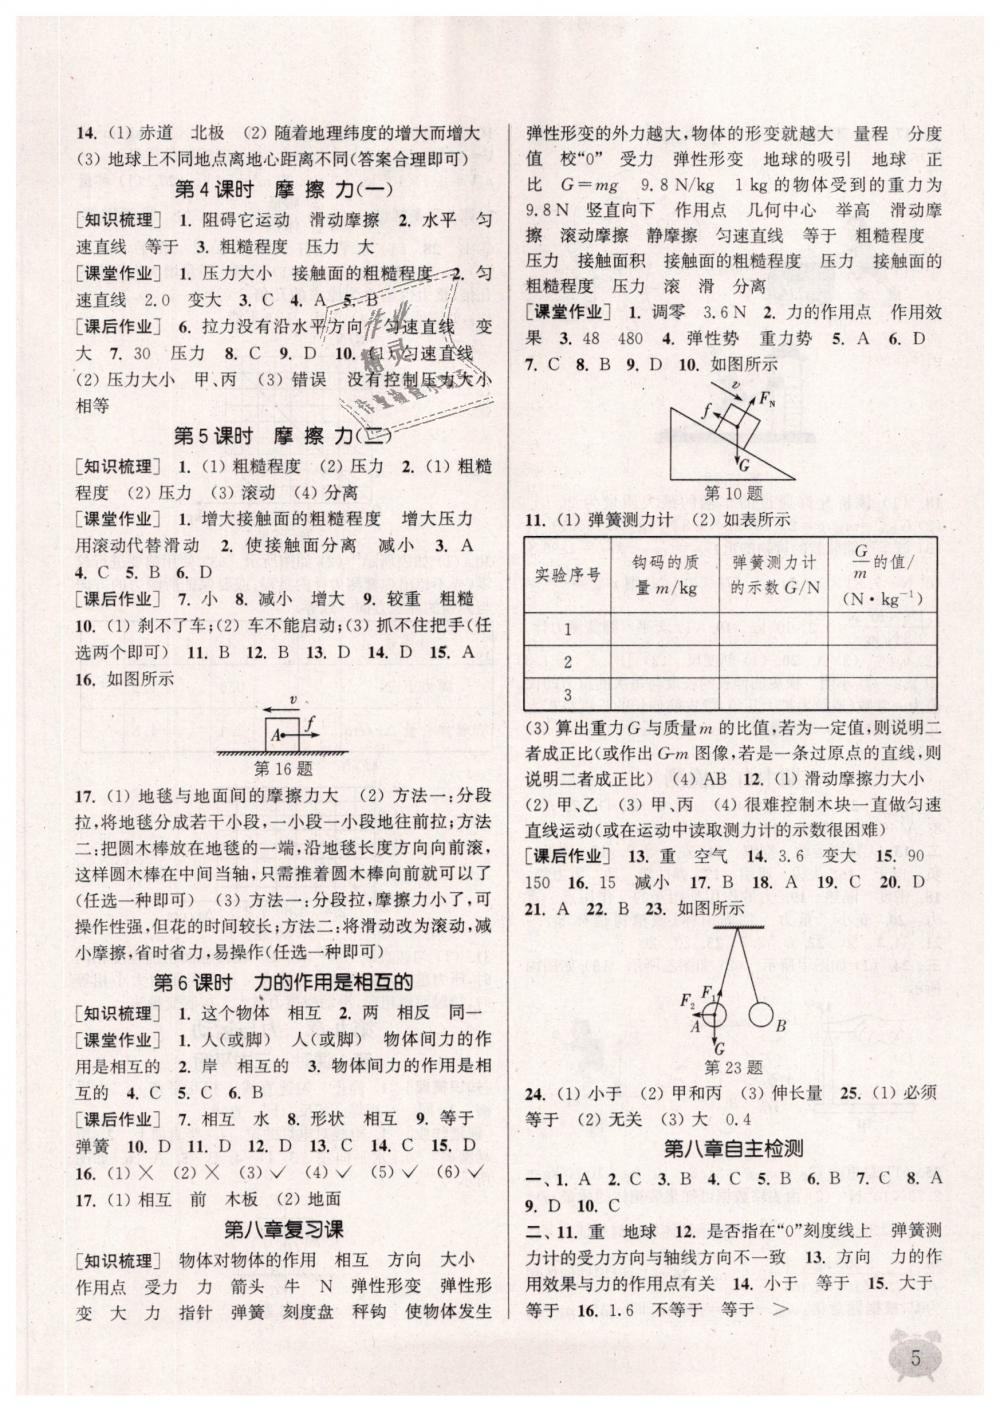 2019年通城学典课时作业本八年级物理下册苏科版江苏专用第5页